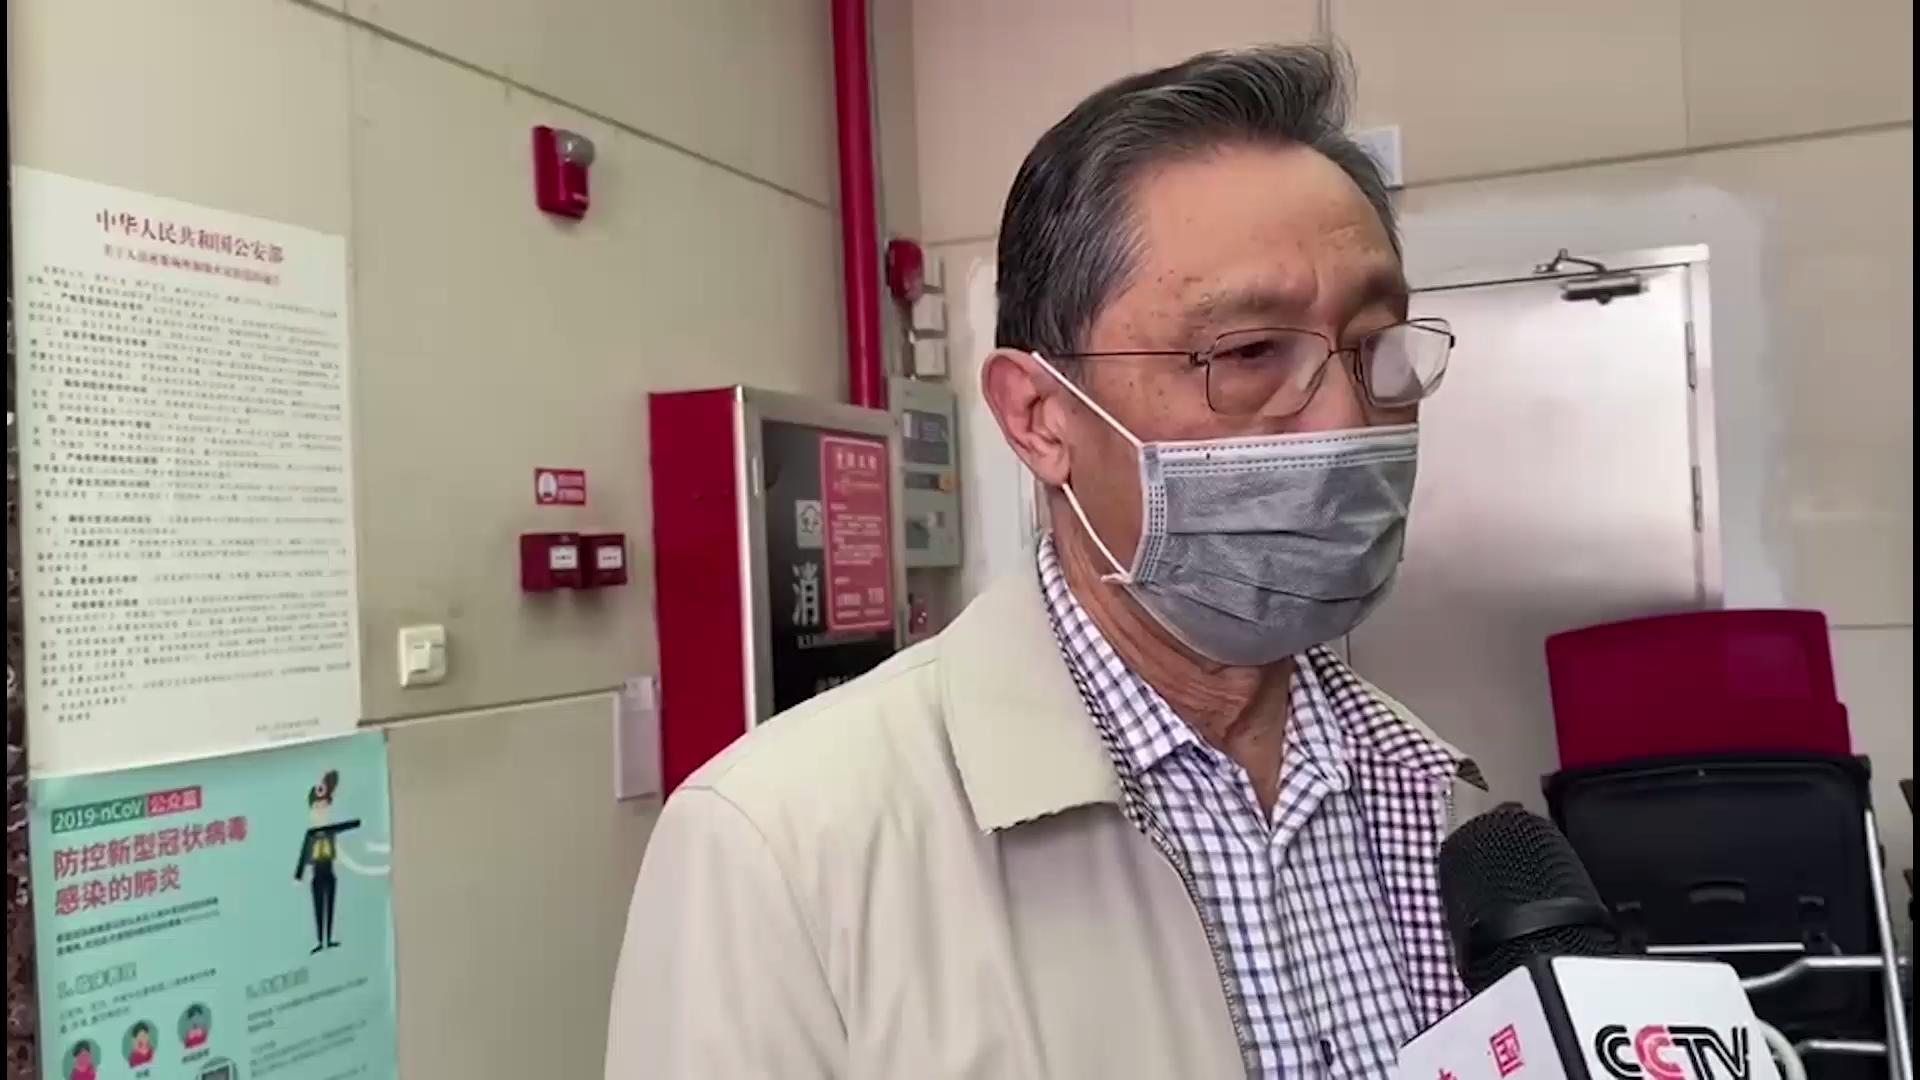 糞口會傳播新型冠狀病毒嗎?鐘南山回應:要高度警惕